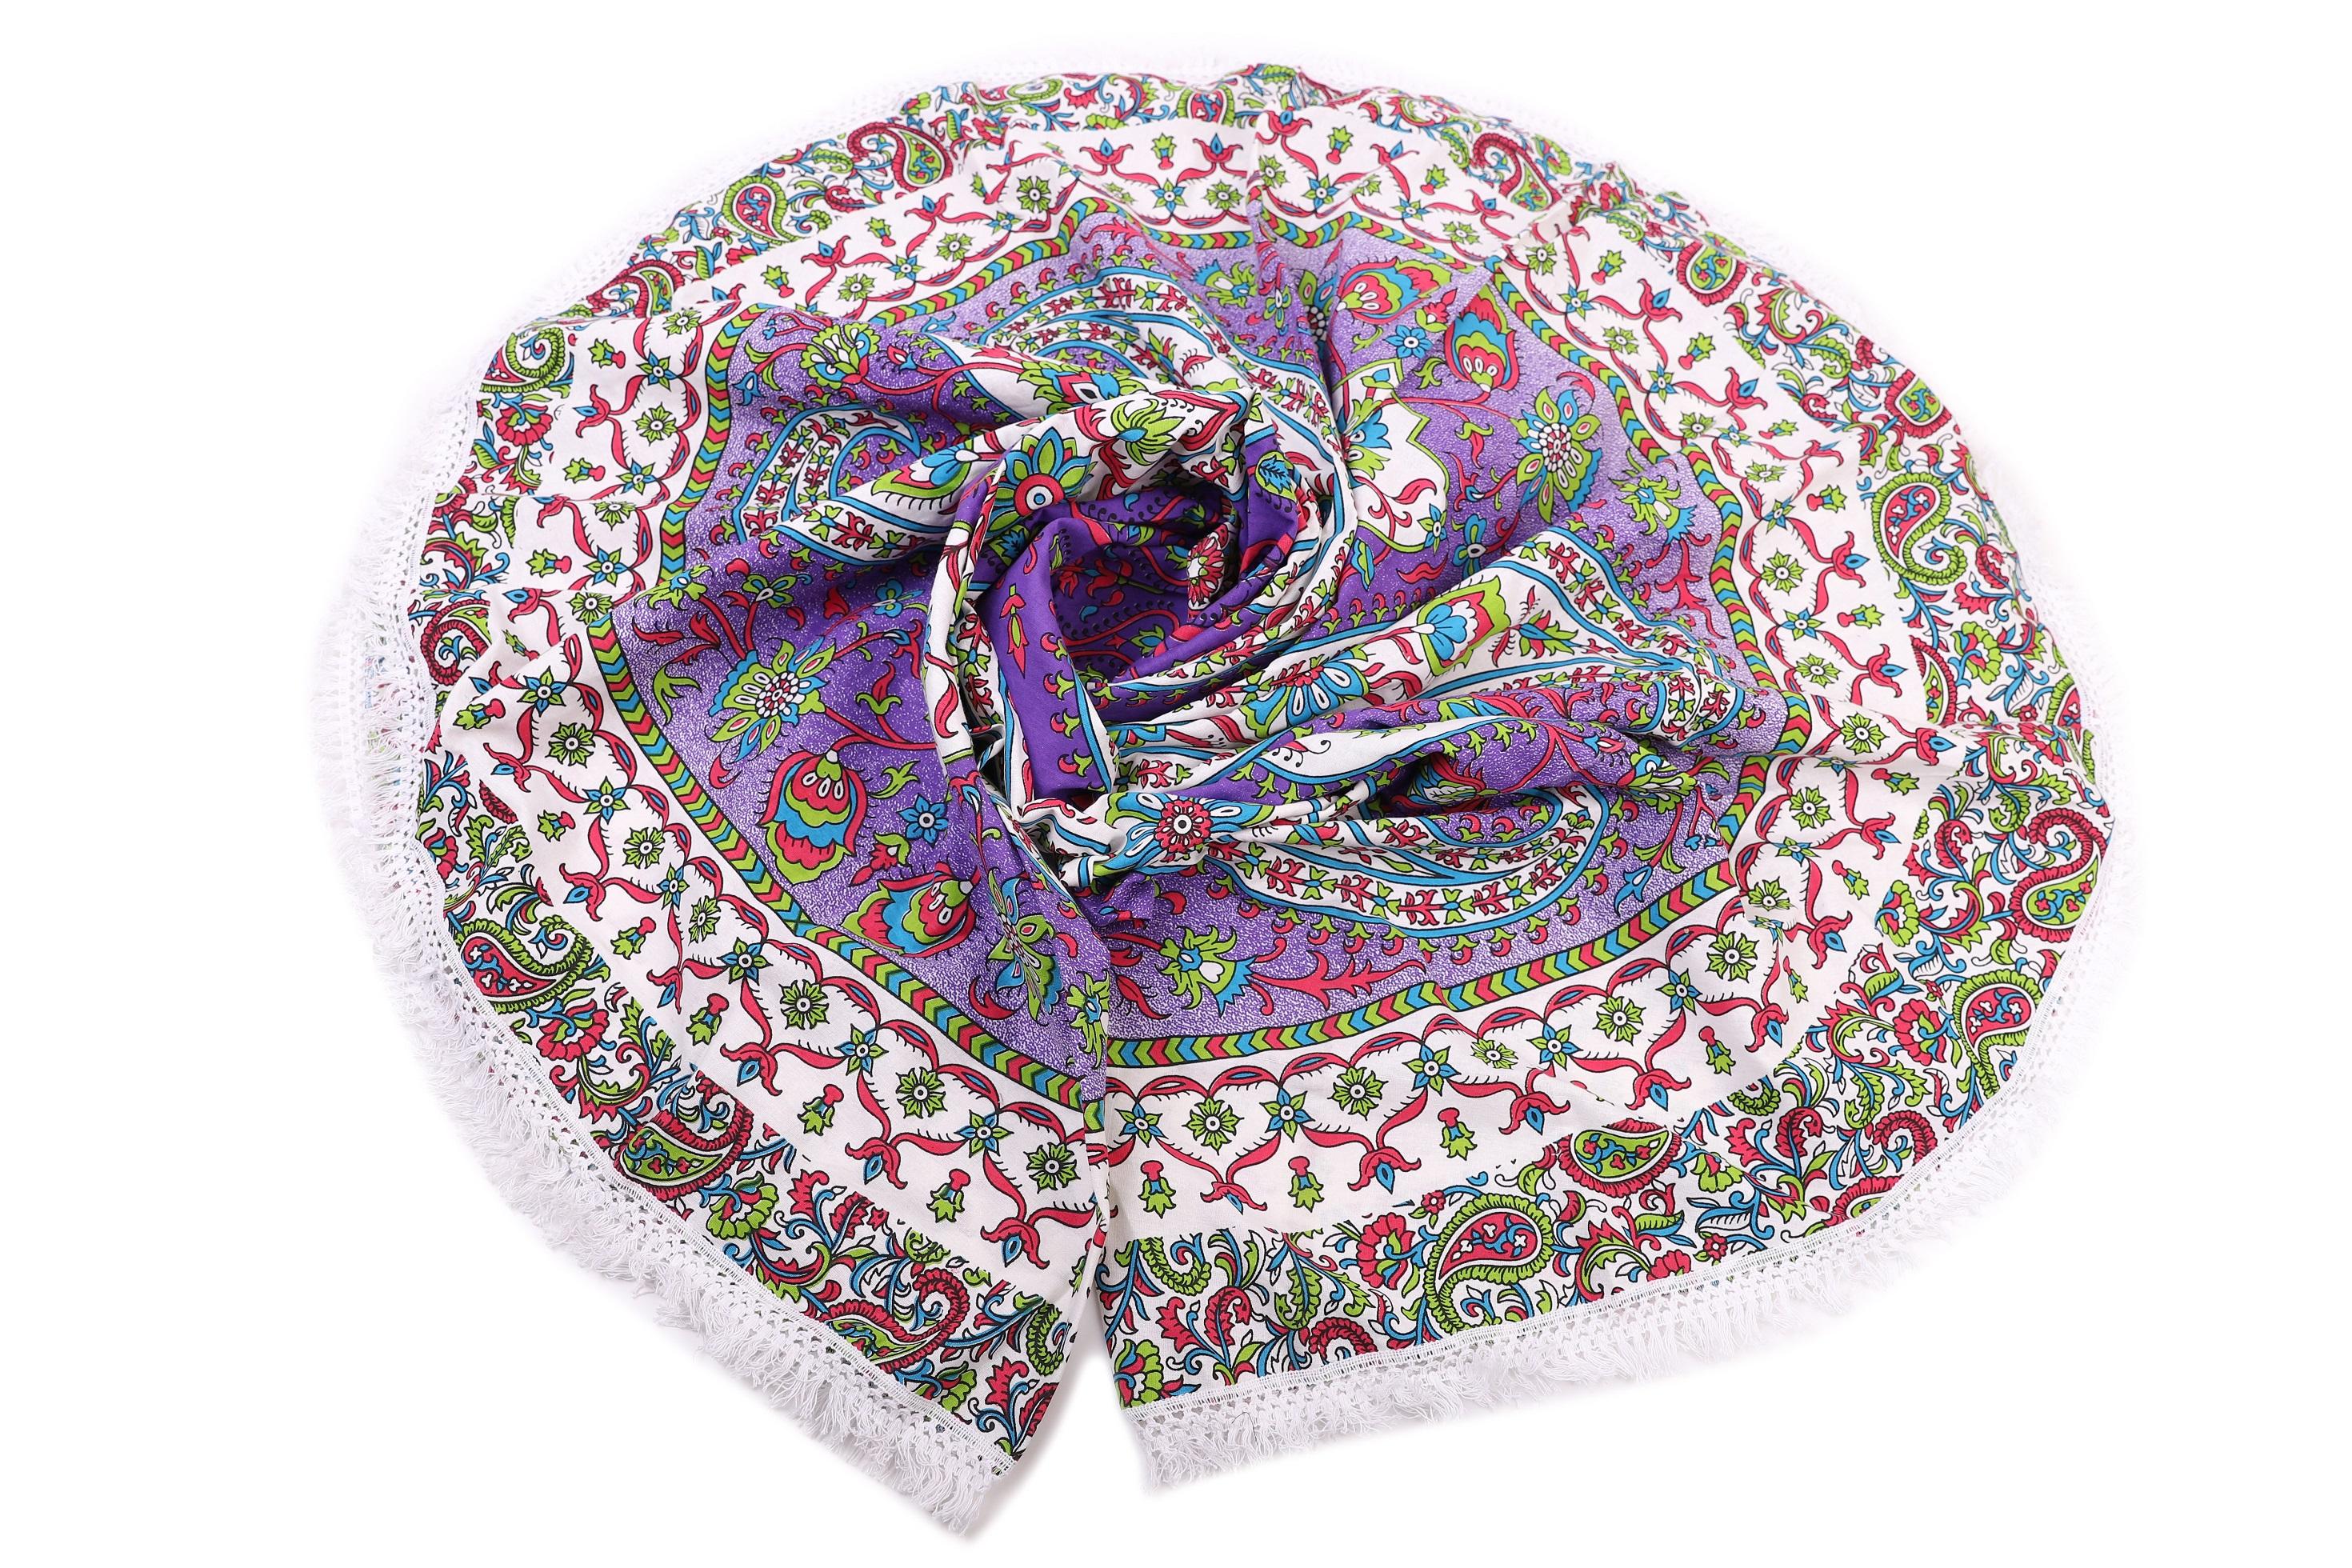 Пледы и покрывала Ганг, Покрывало пляжное Dismas (190 см), Индия, Зеленый, Сиреневый, Хлопковый сатин  - Купить